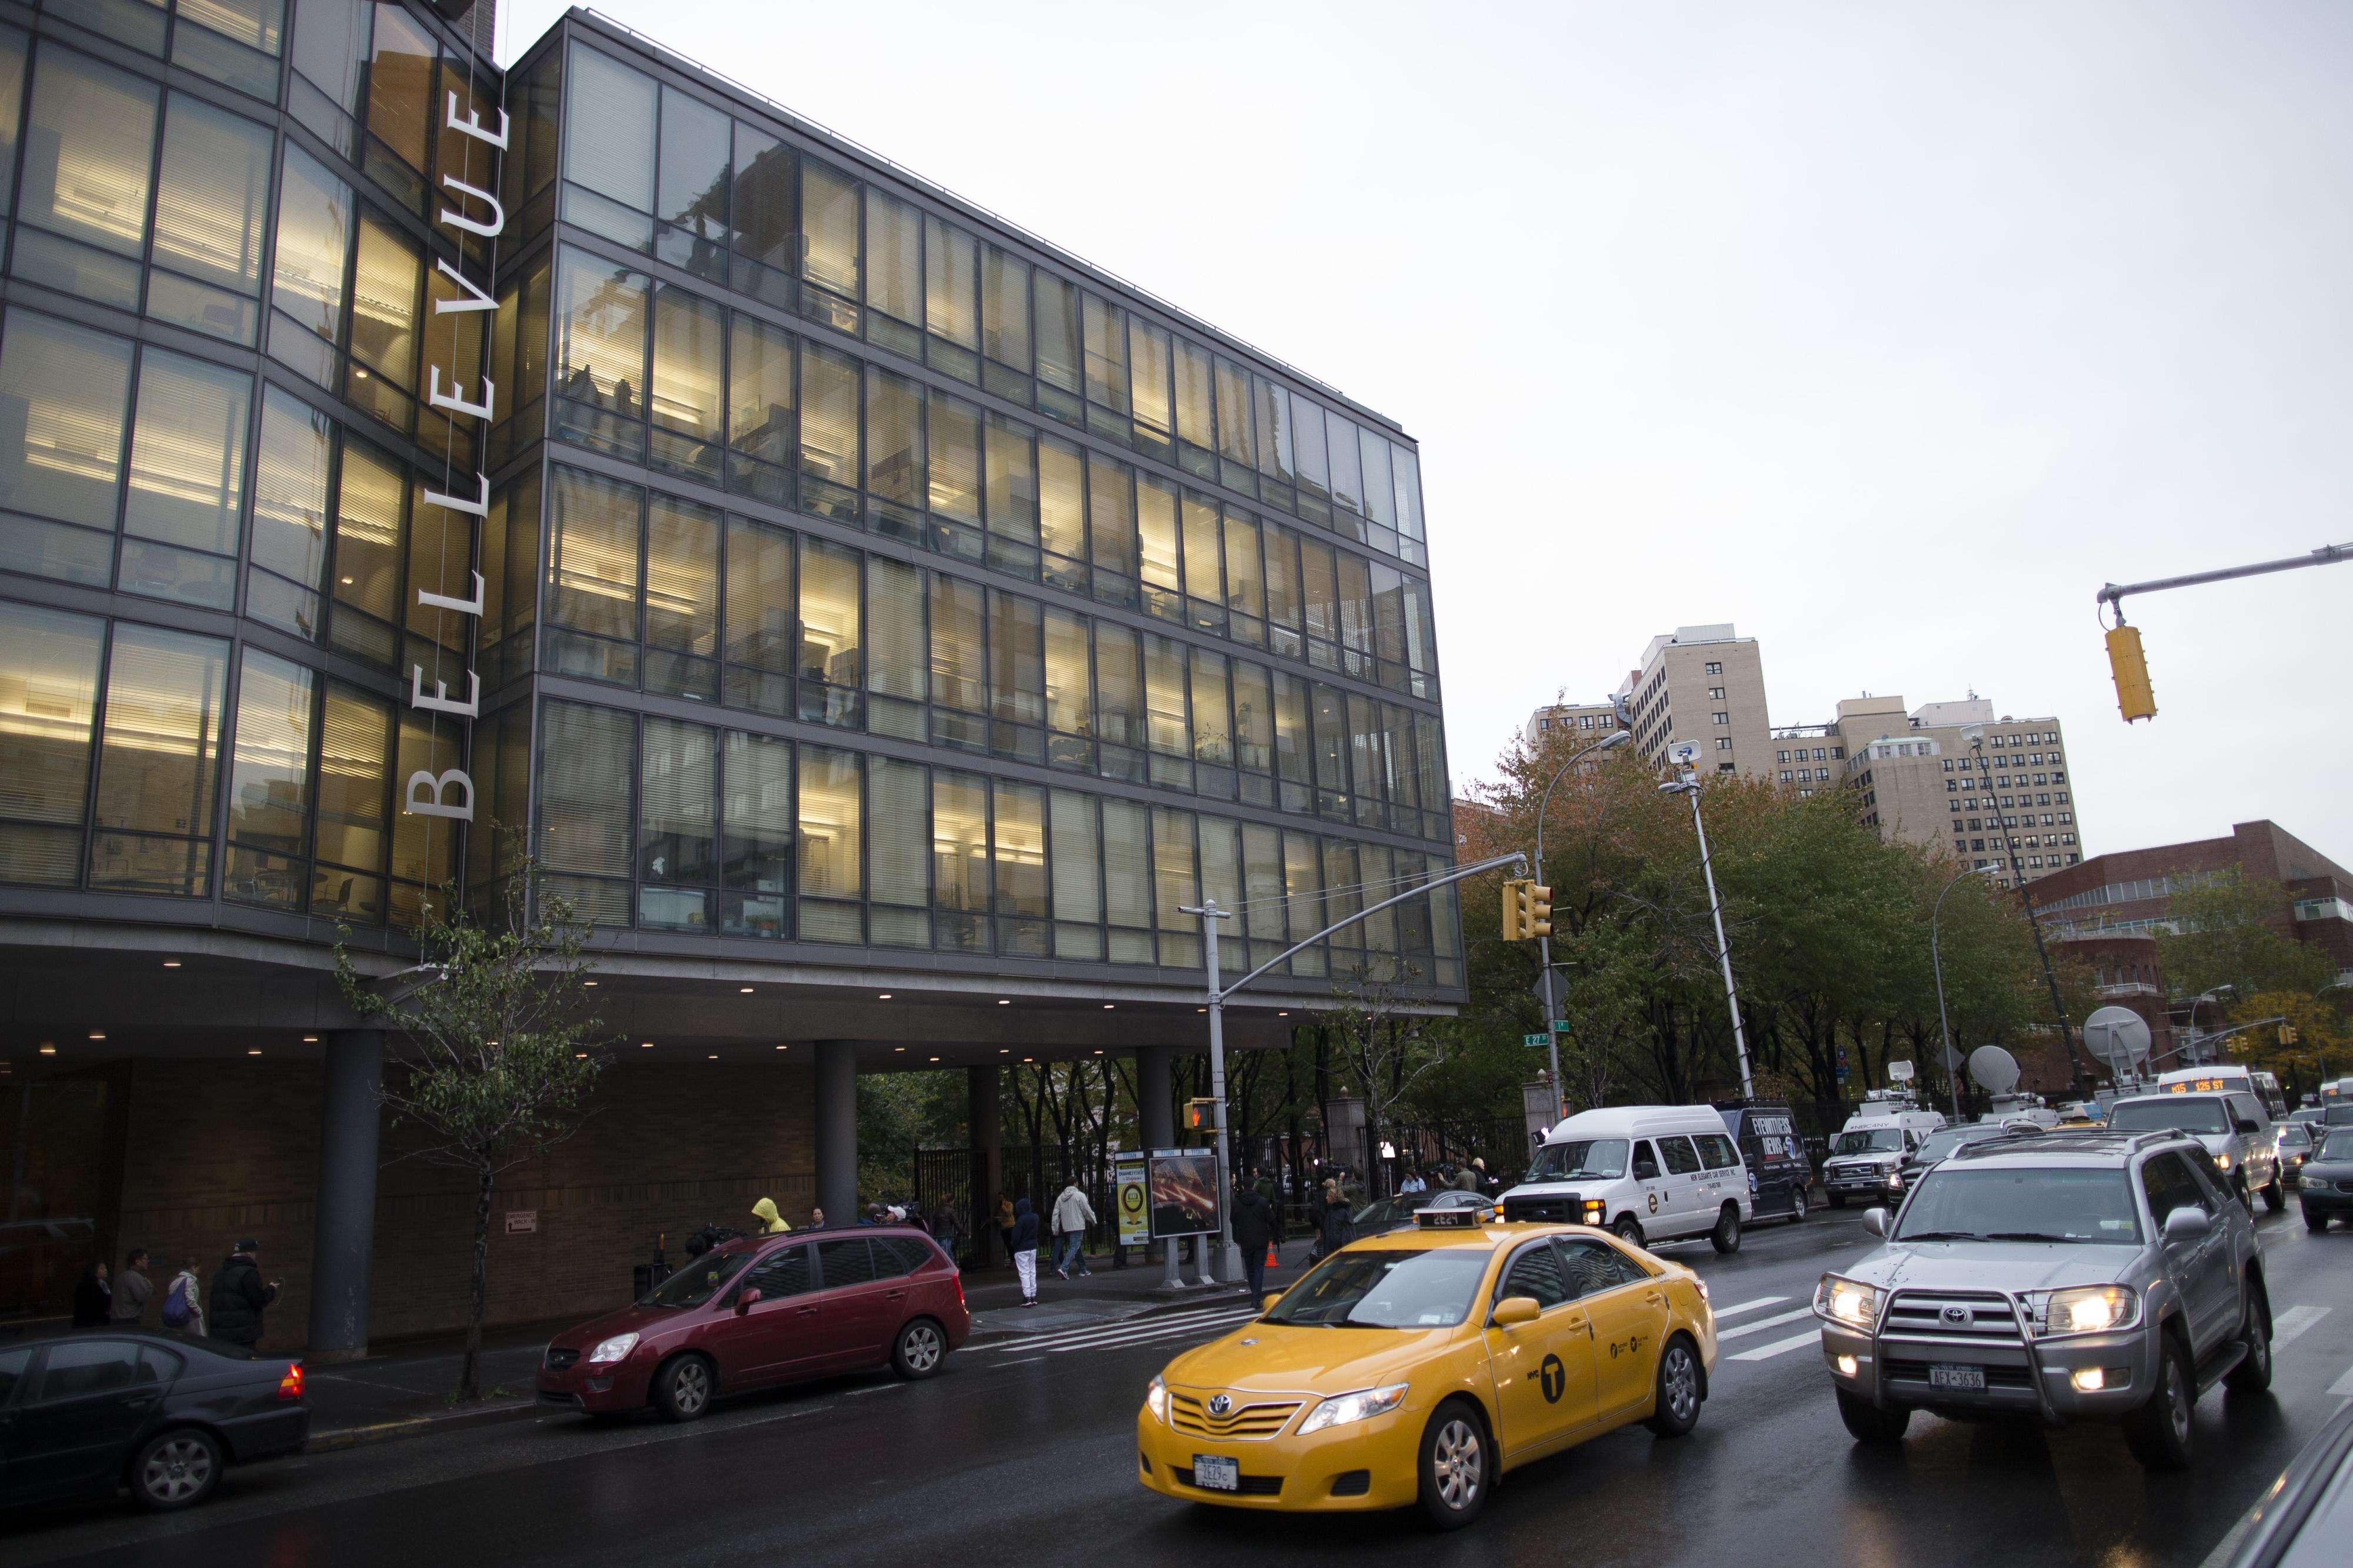 Vista del Hospital Bellevue de Manhattan, en Nueva York, el jueves 23 de octubre de 2014, donde está internado el doctor Craig Spencer Foto: AP en español